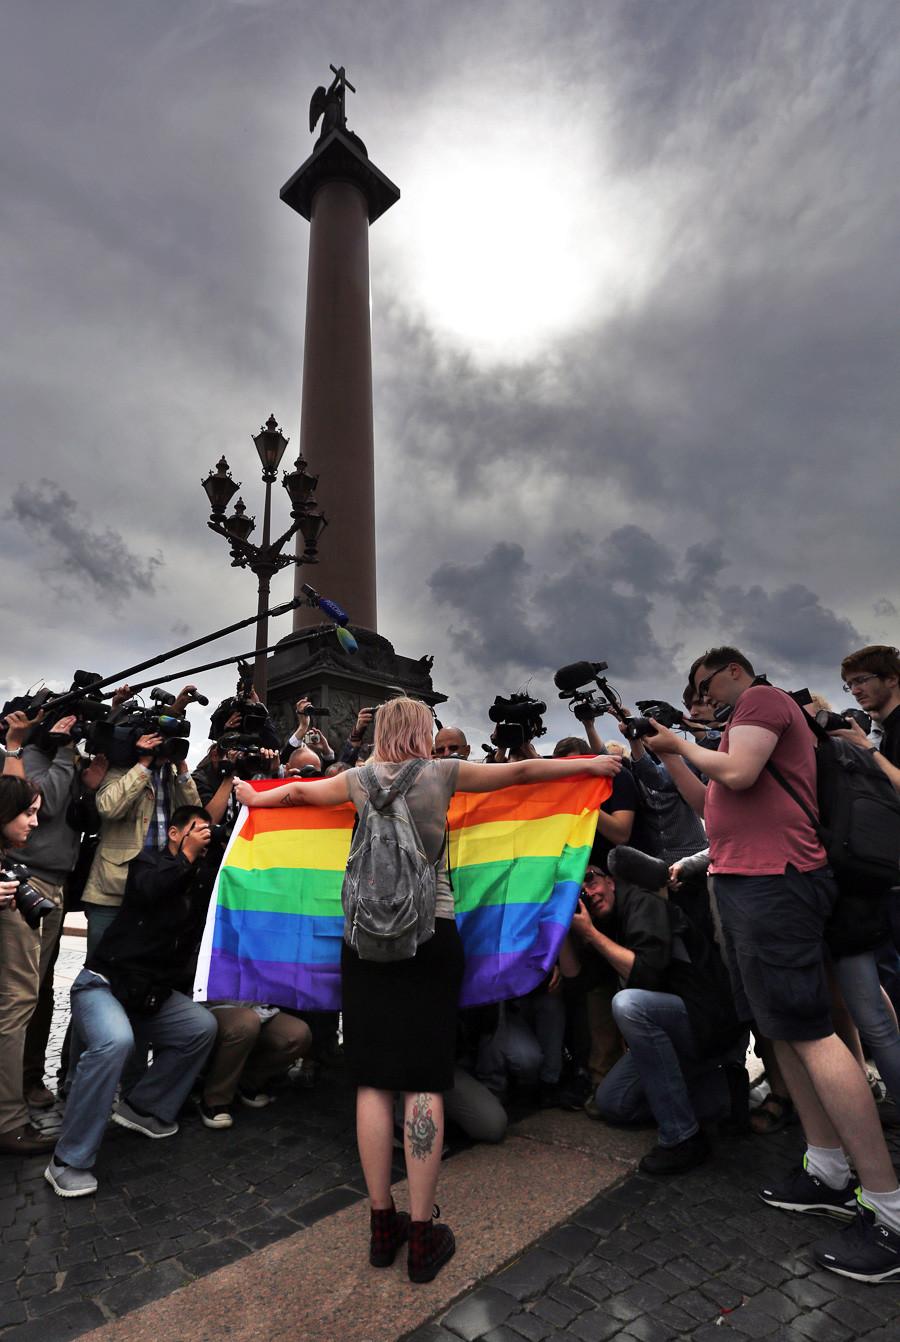 Activista LGBT durante una protesta contra el odio y la intolerancia protagonizada solamente por ella, San Petersburgo.